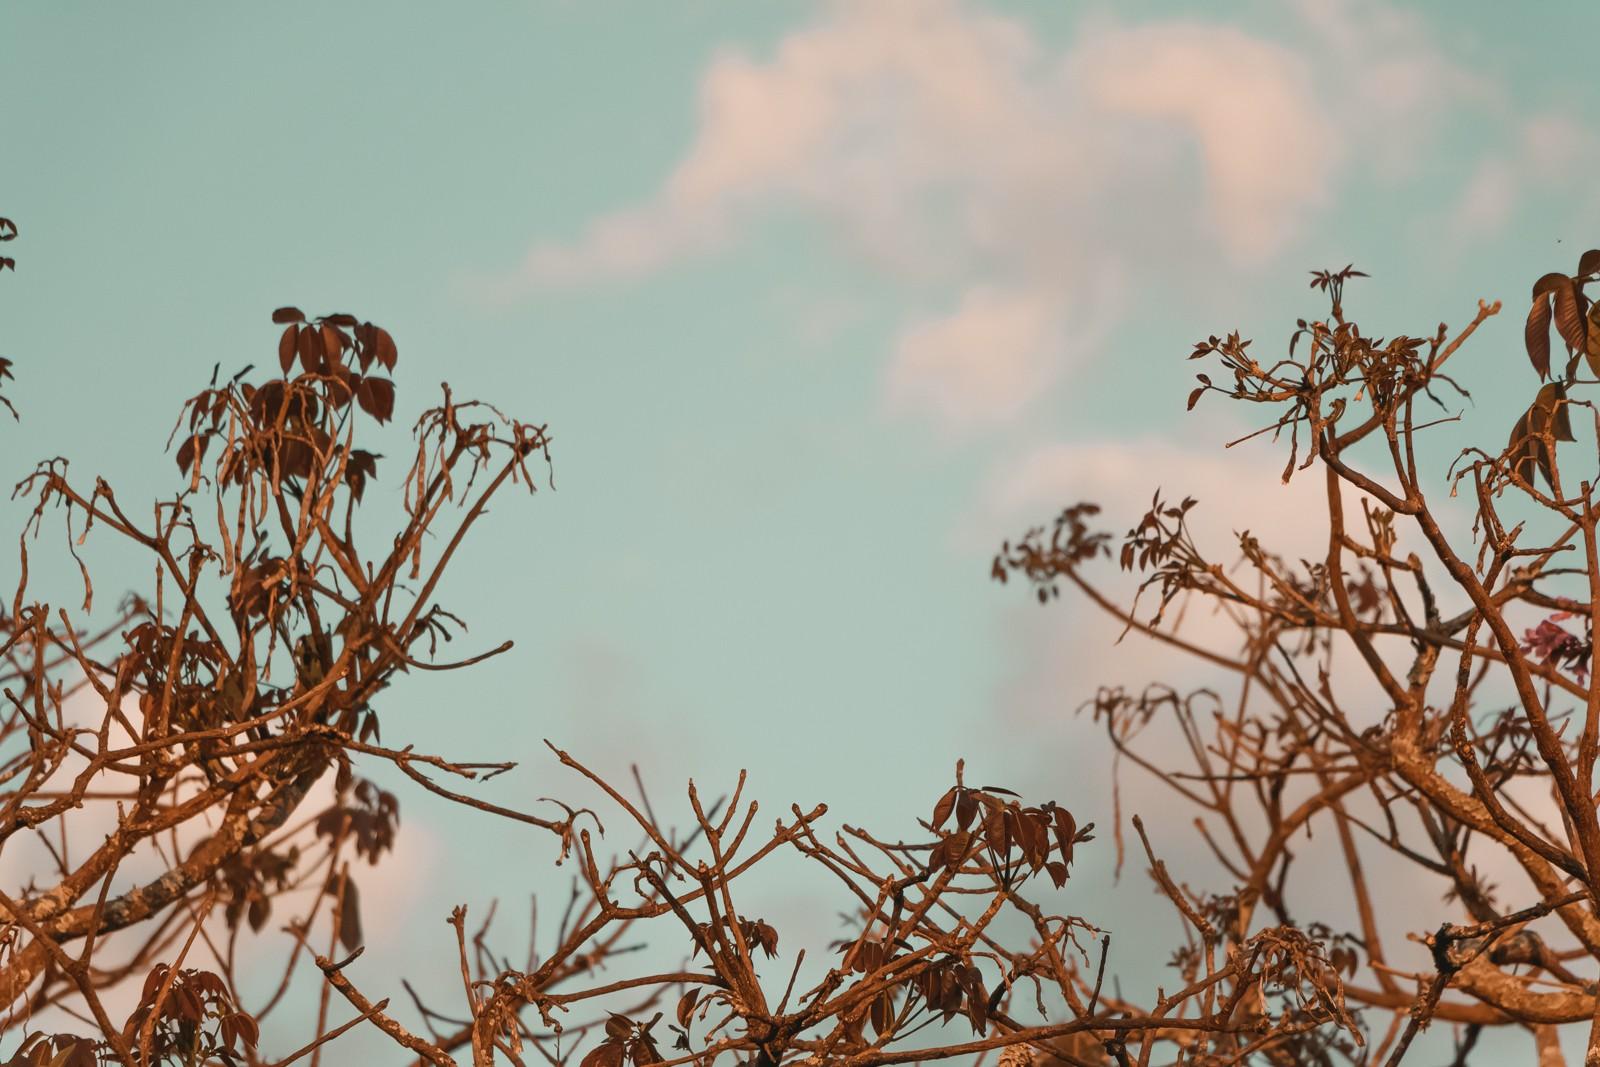 céu azul e galhos secos